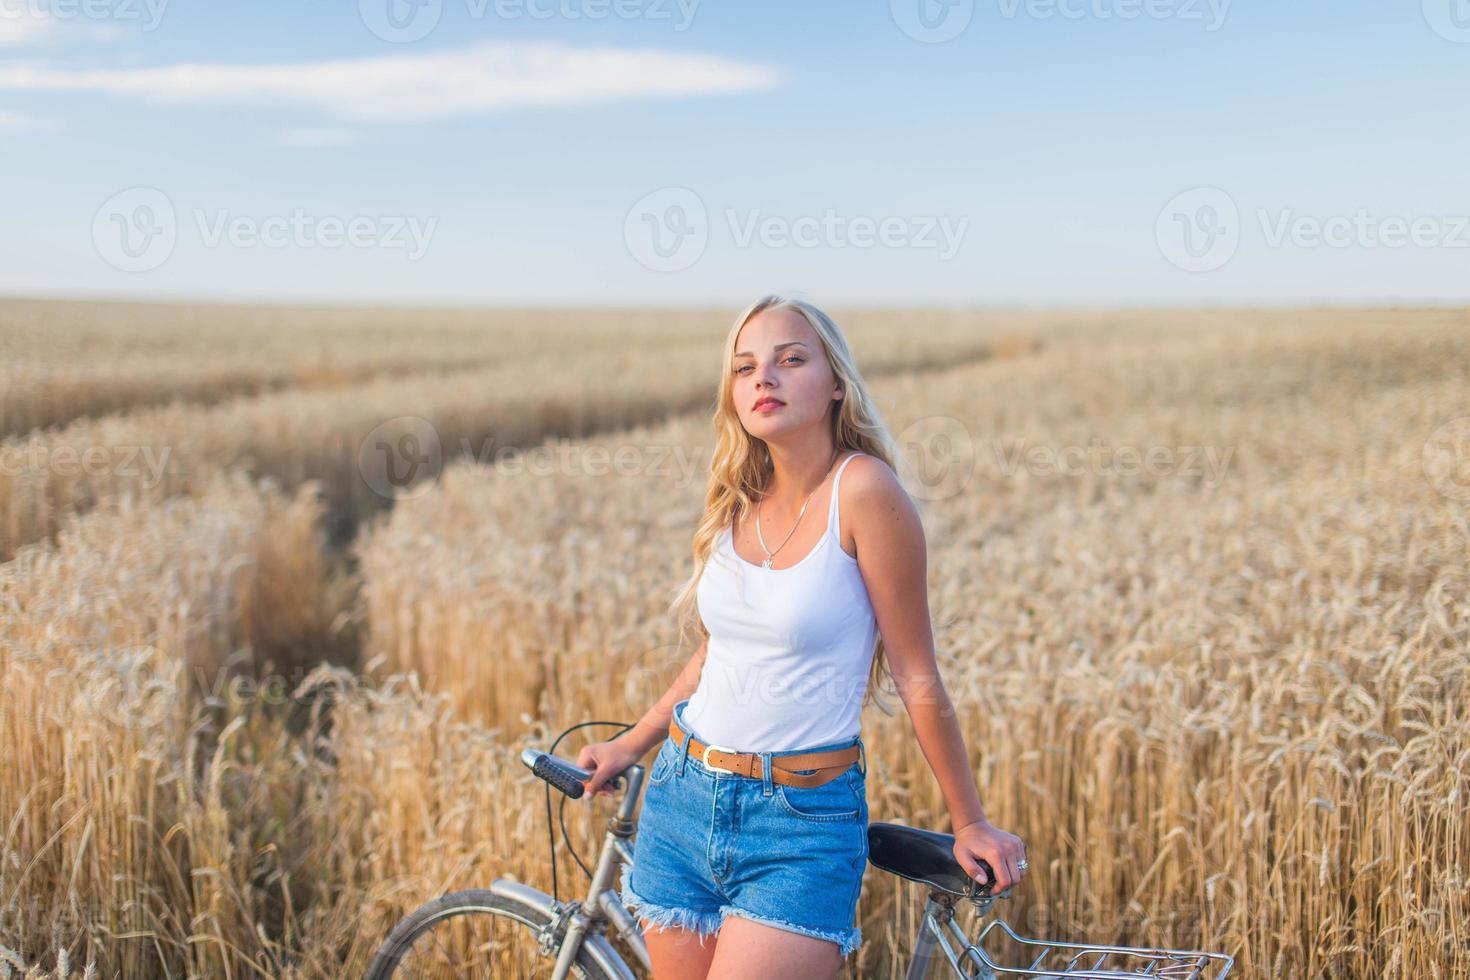 jovem garota está sorrindo no campo foto